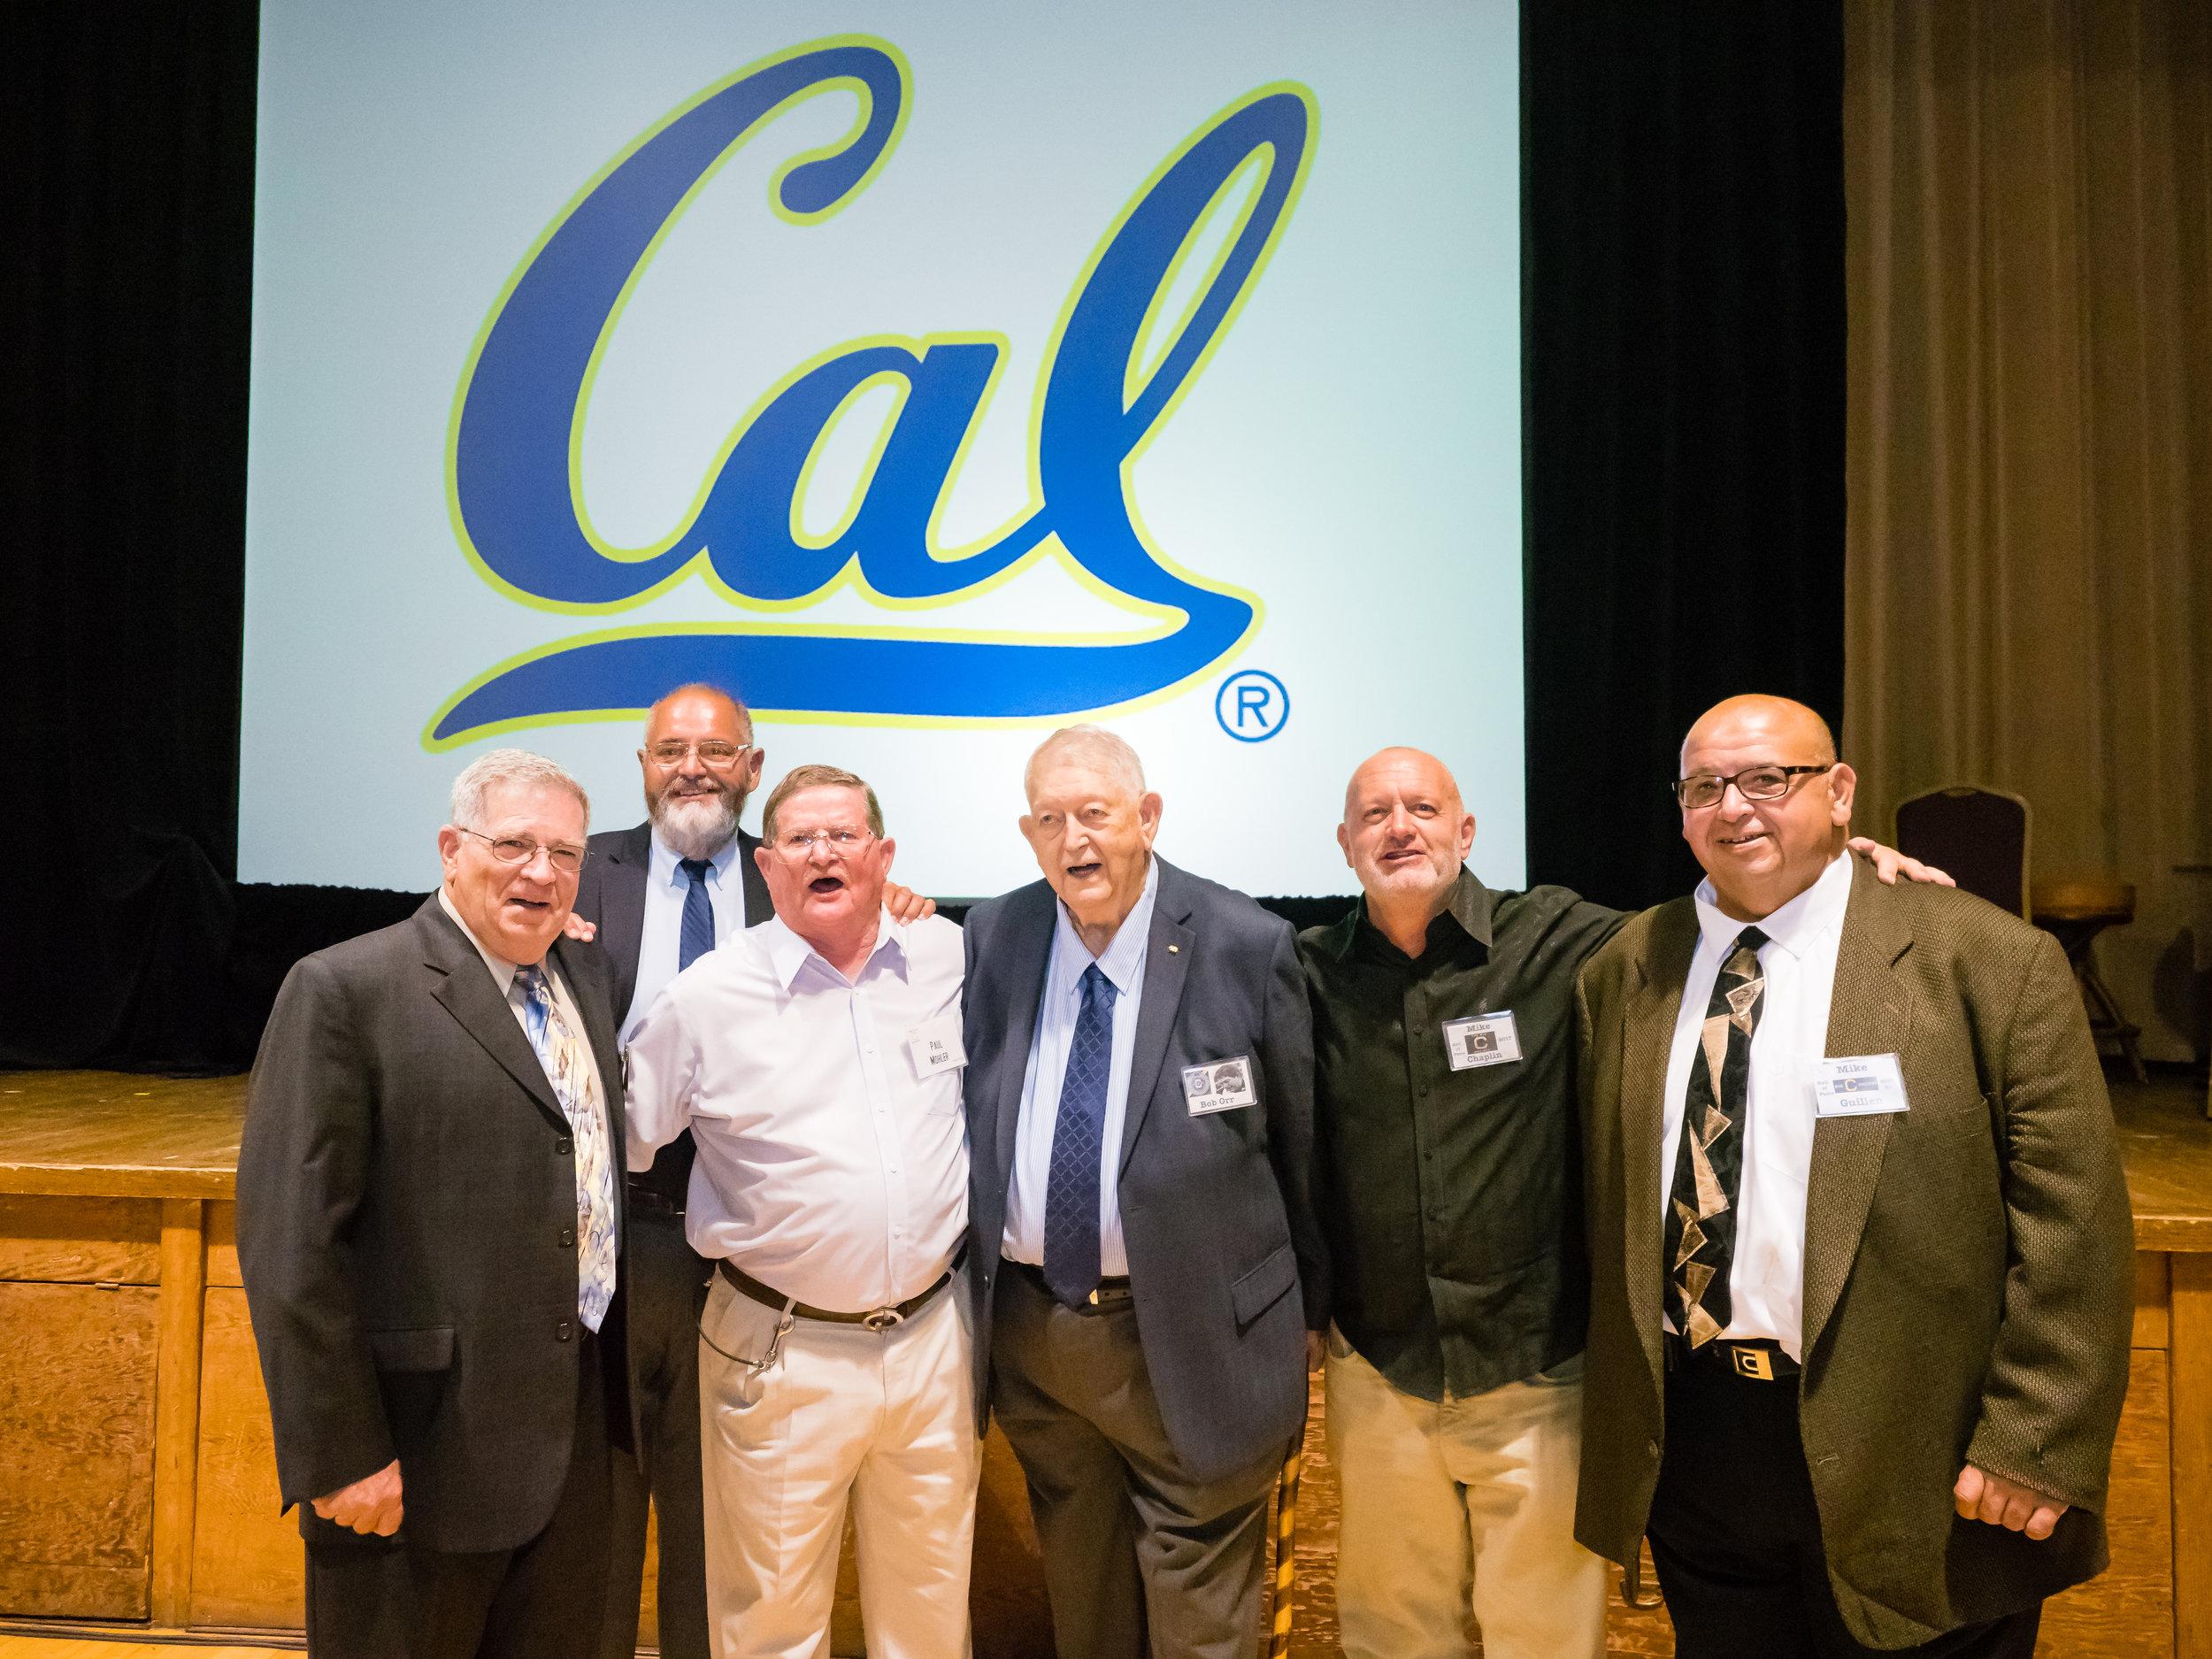 _Cal_Hall of Fame_20170908_213953_KLC-(ZF-9201-57652-1-1124).jpg